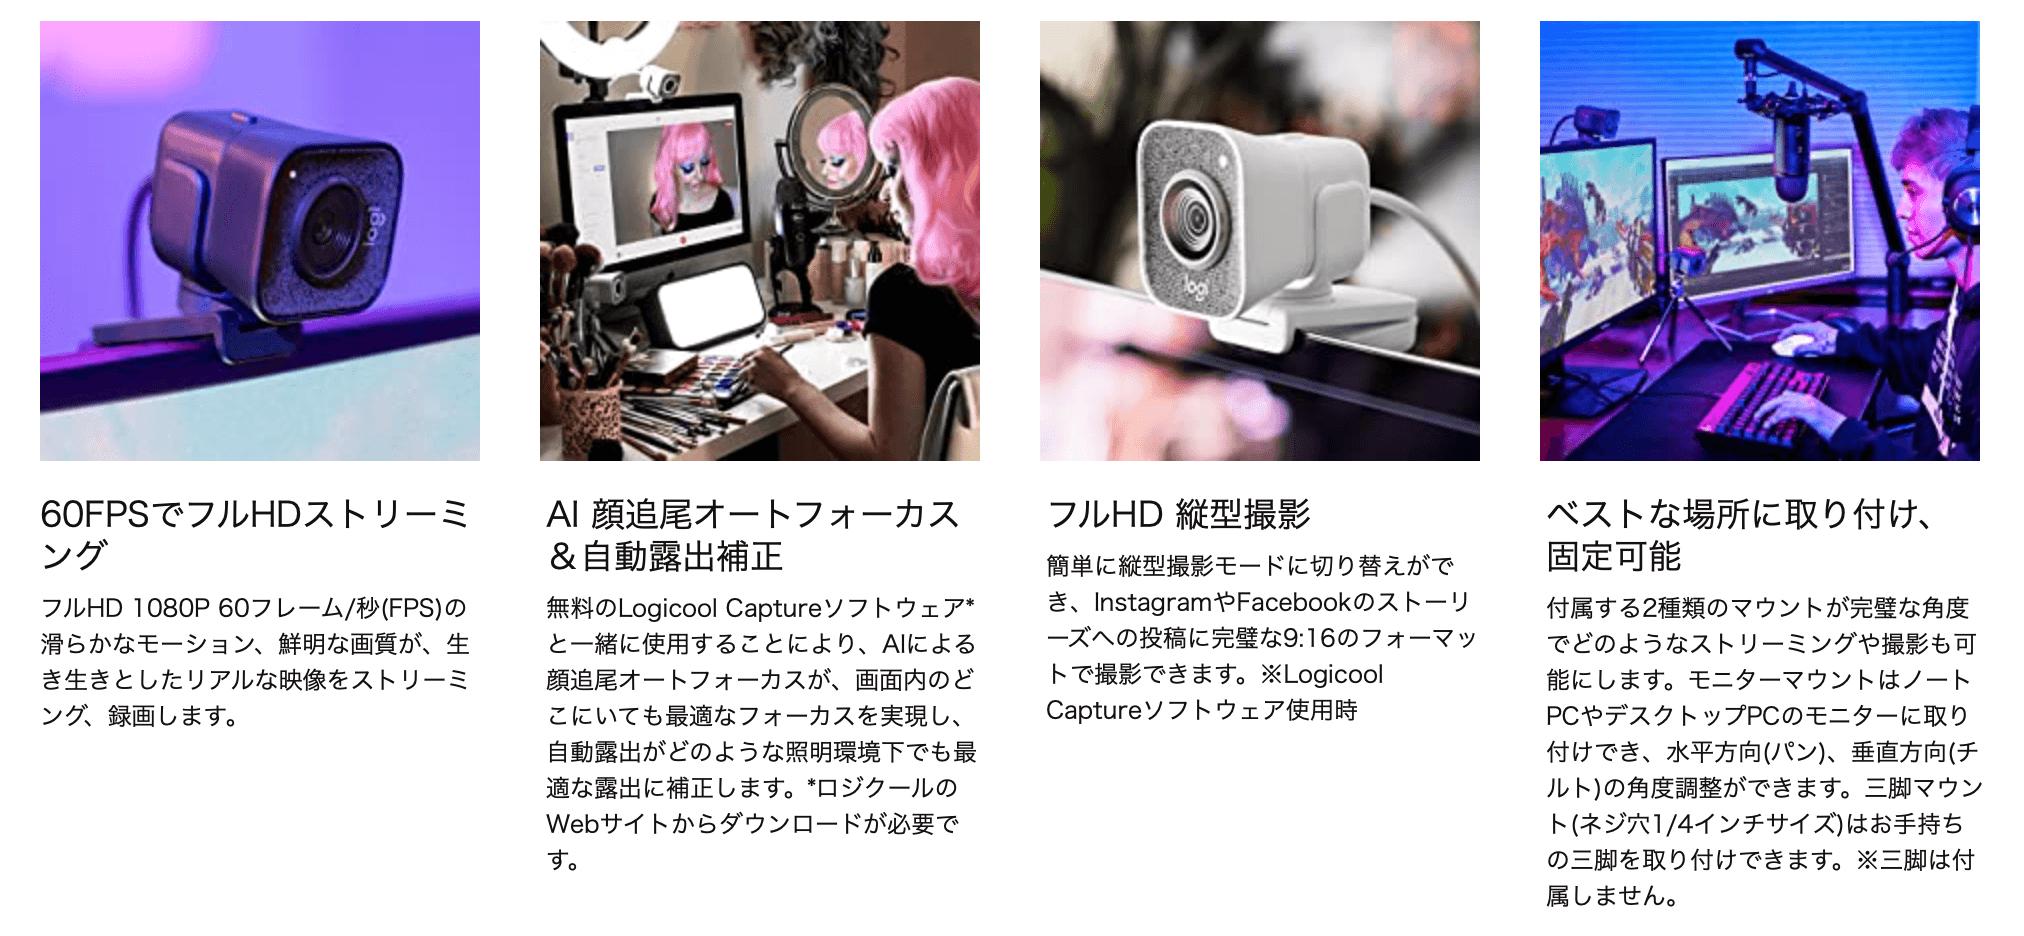 画質の良いwebカメラ